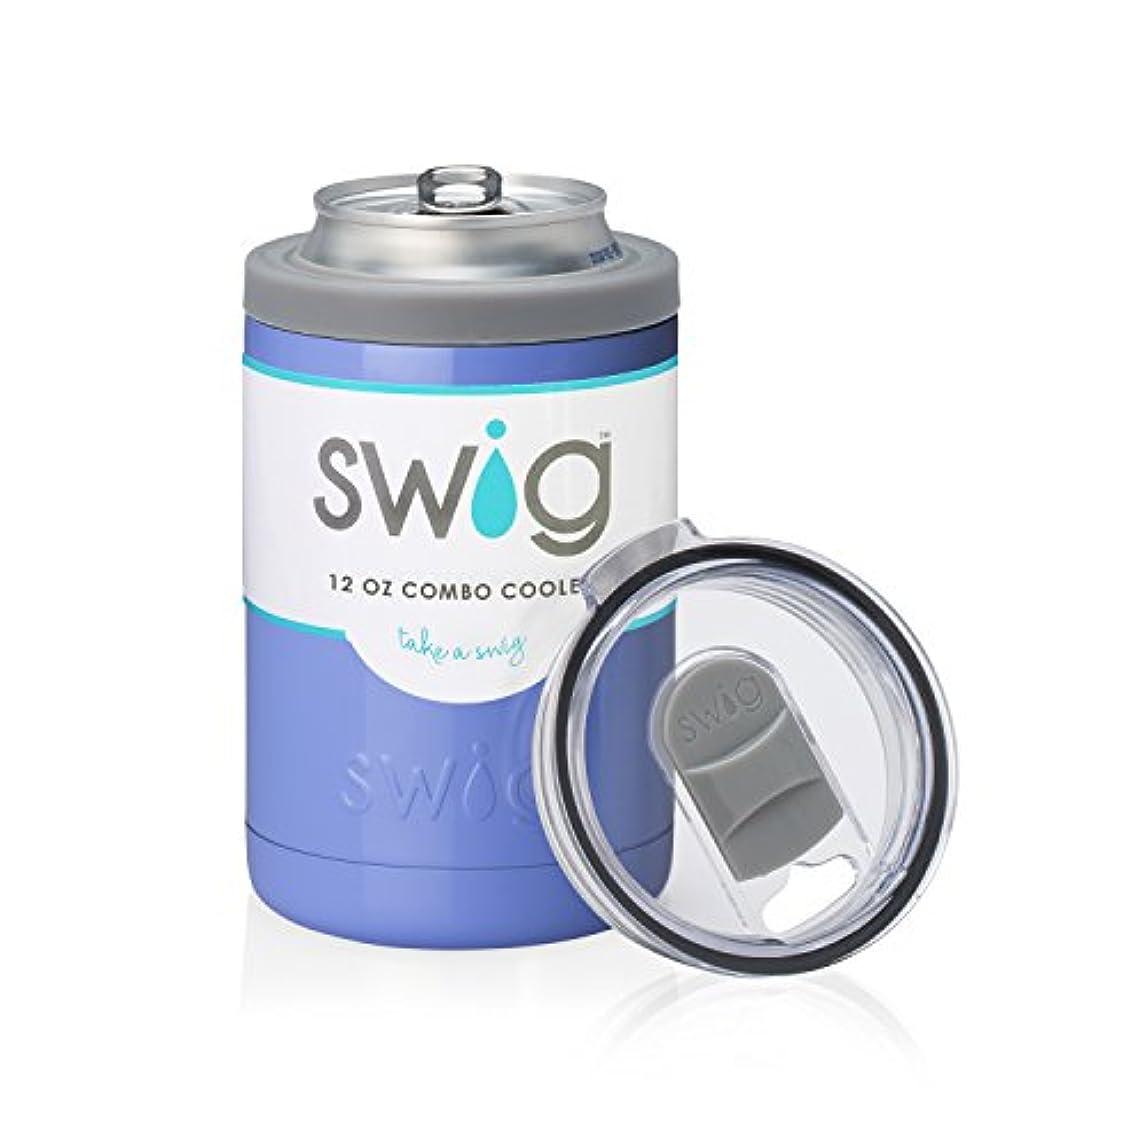 アレルギー性永続してはいけませんSwig 350ml Combo Cooler-Hydrangea